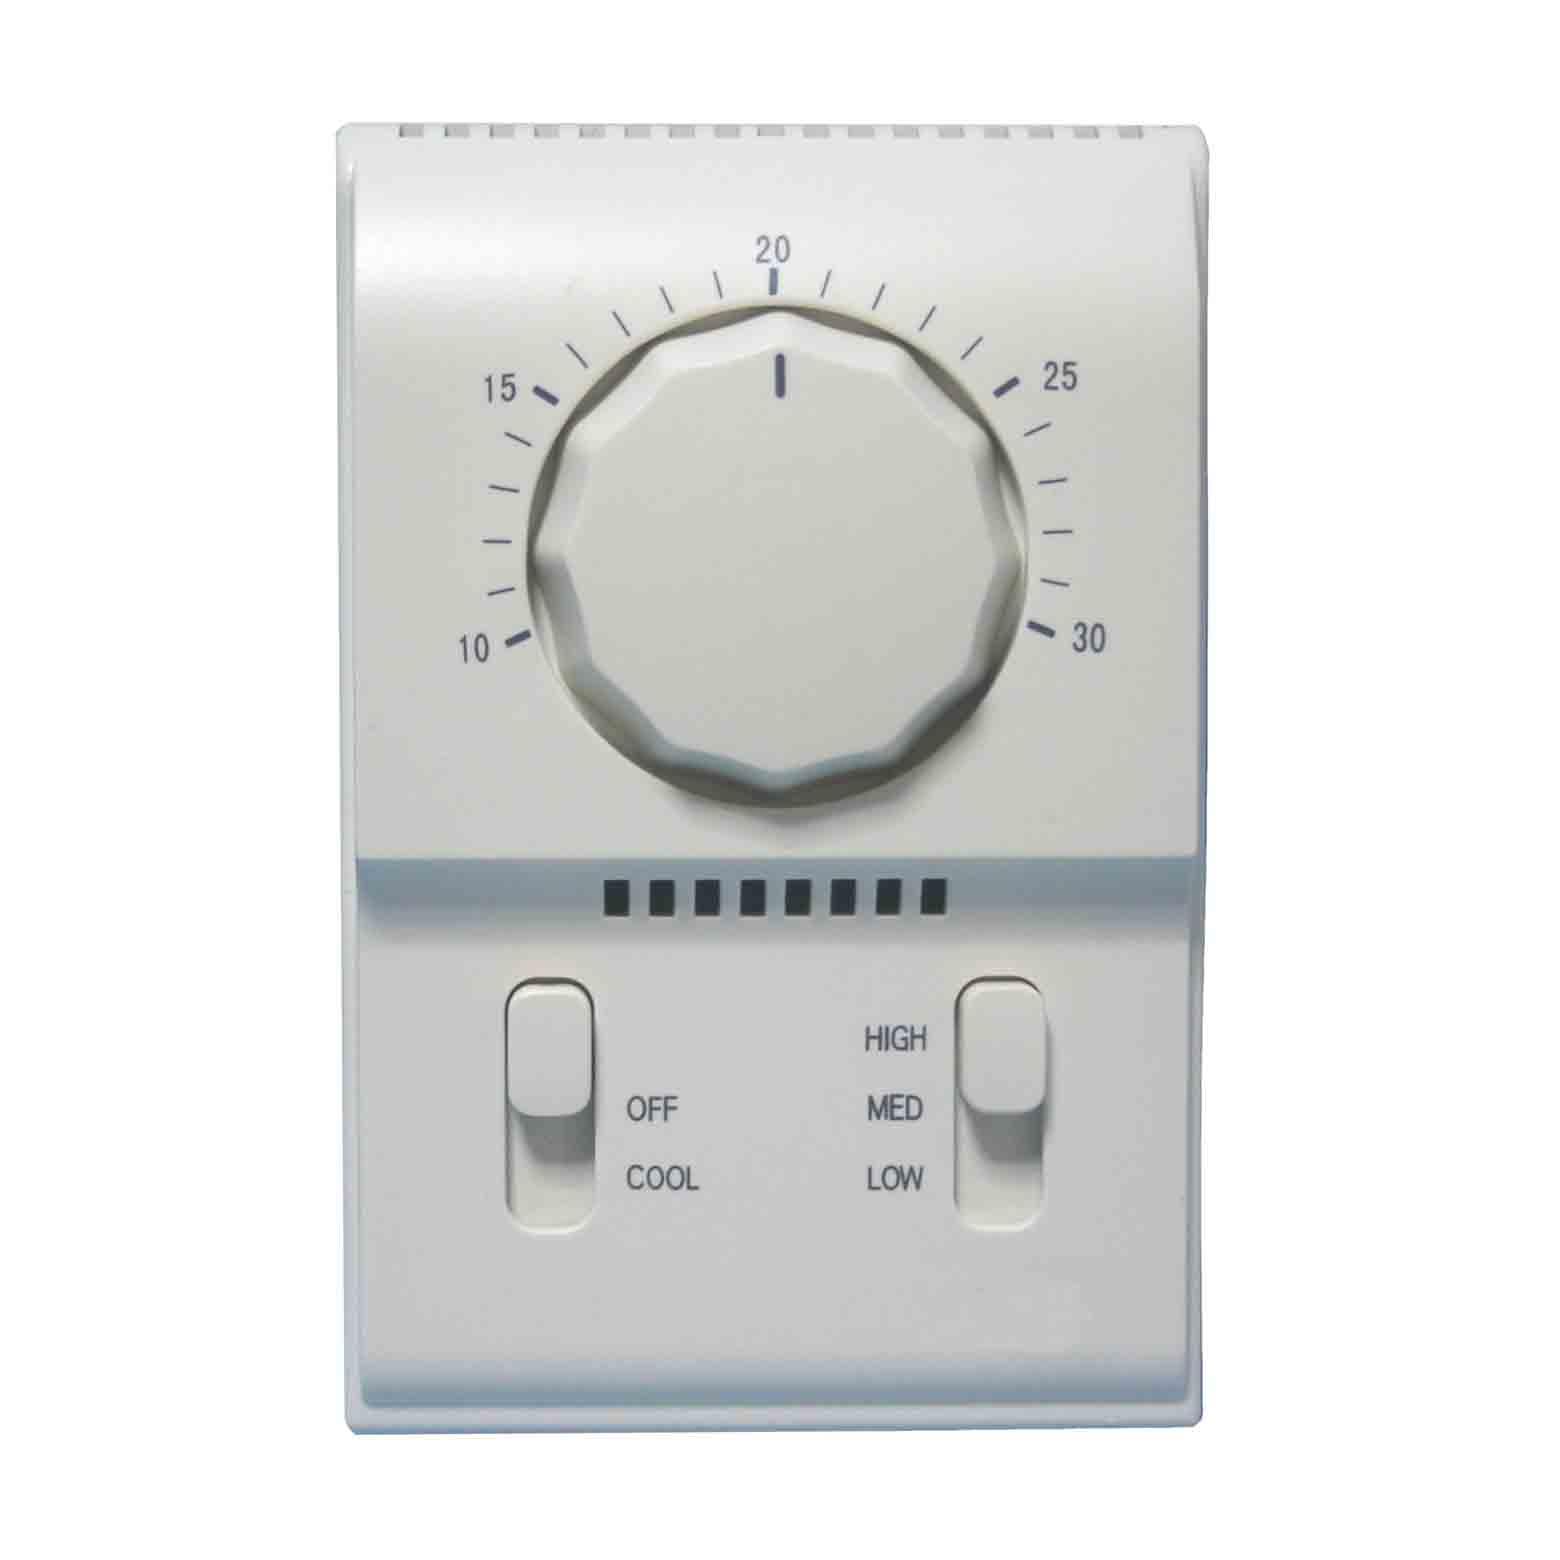 102單房間空調溫控器